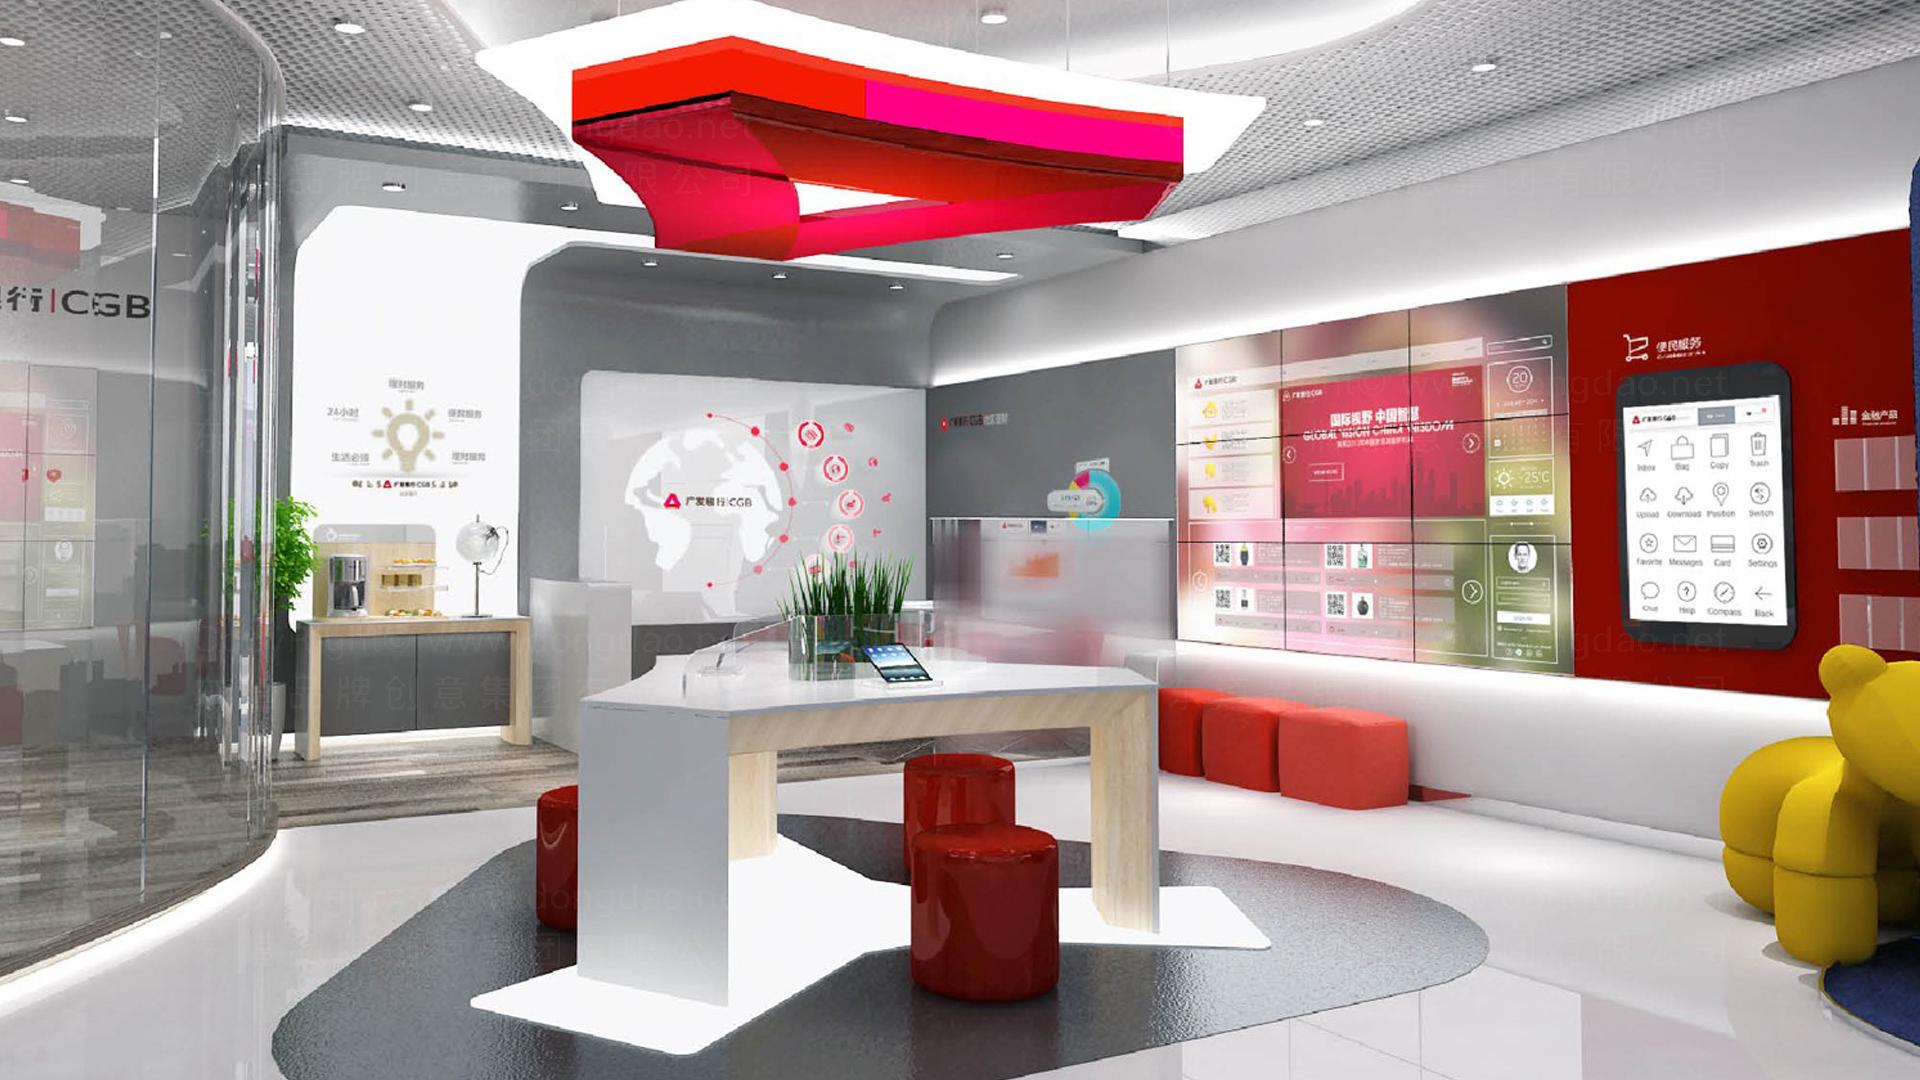 银行金融商业空间&导示广发银行社区支行标准化装修方案及标准手册设计